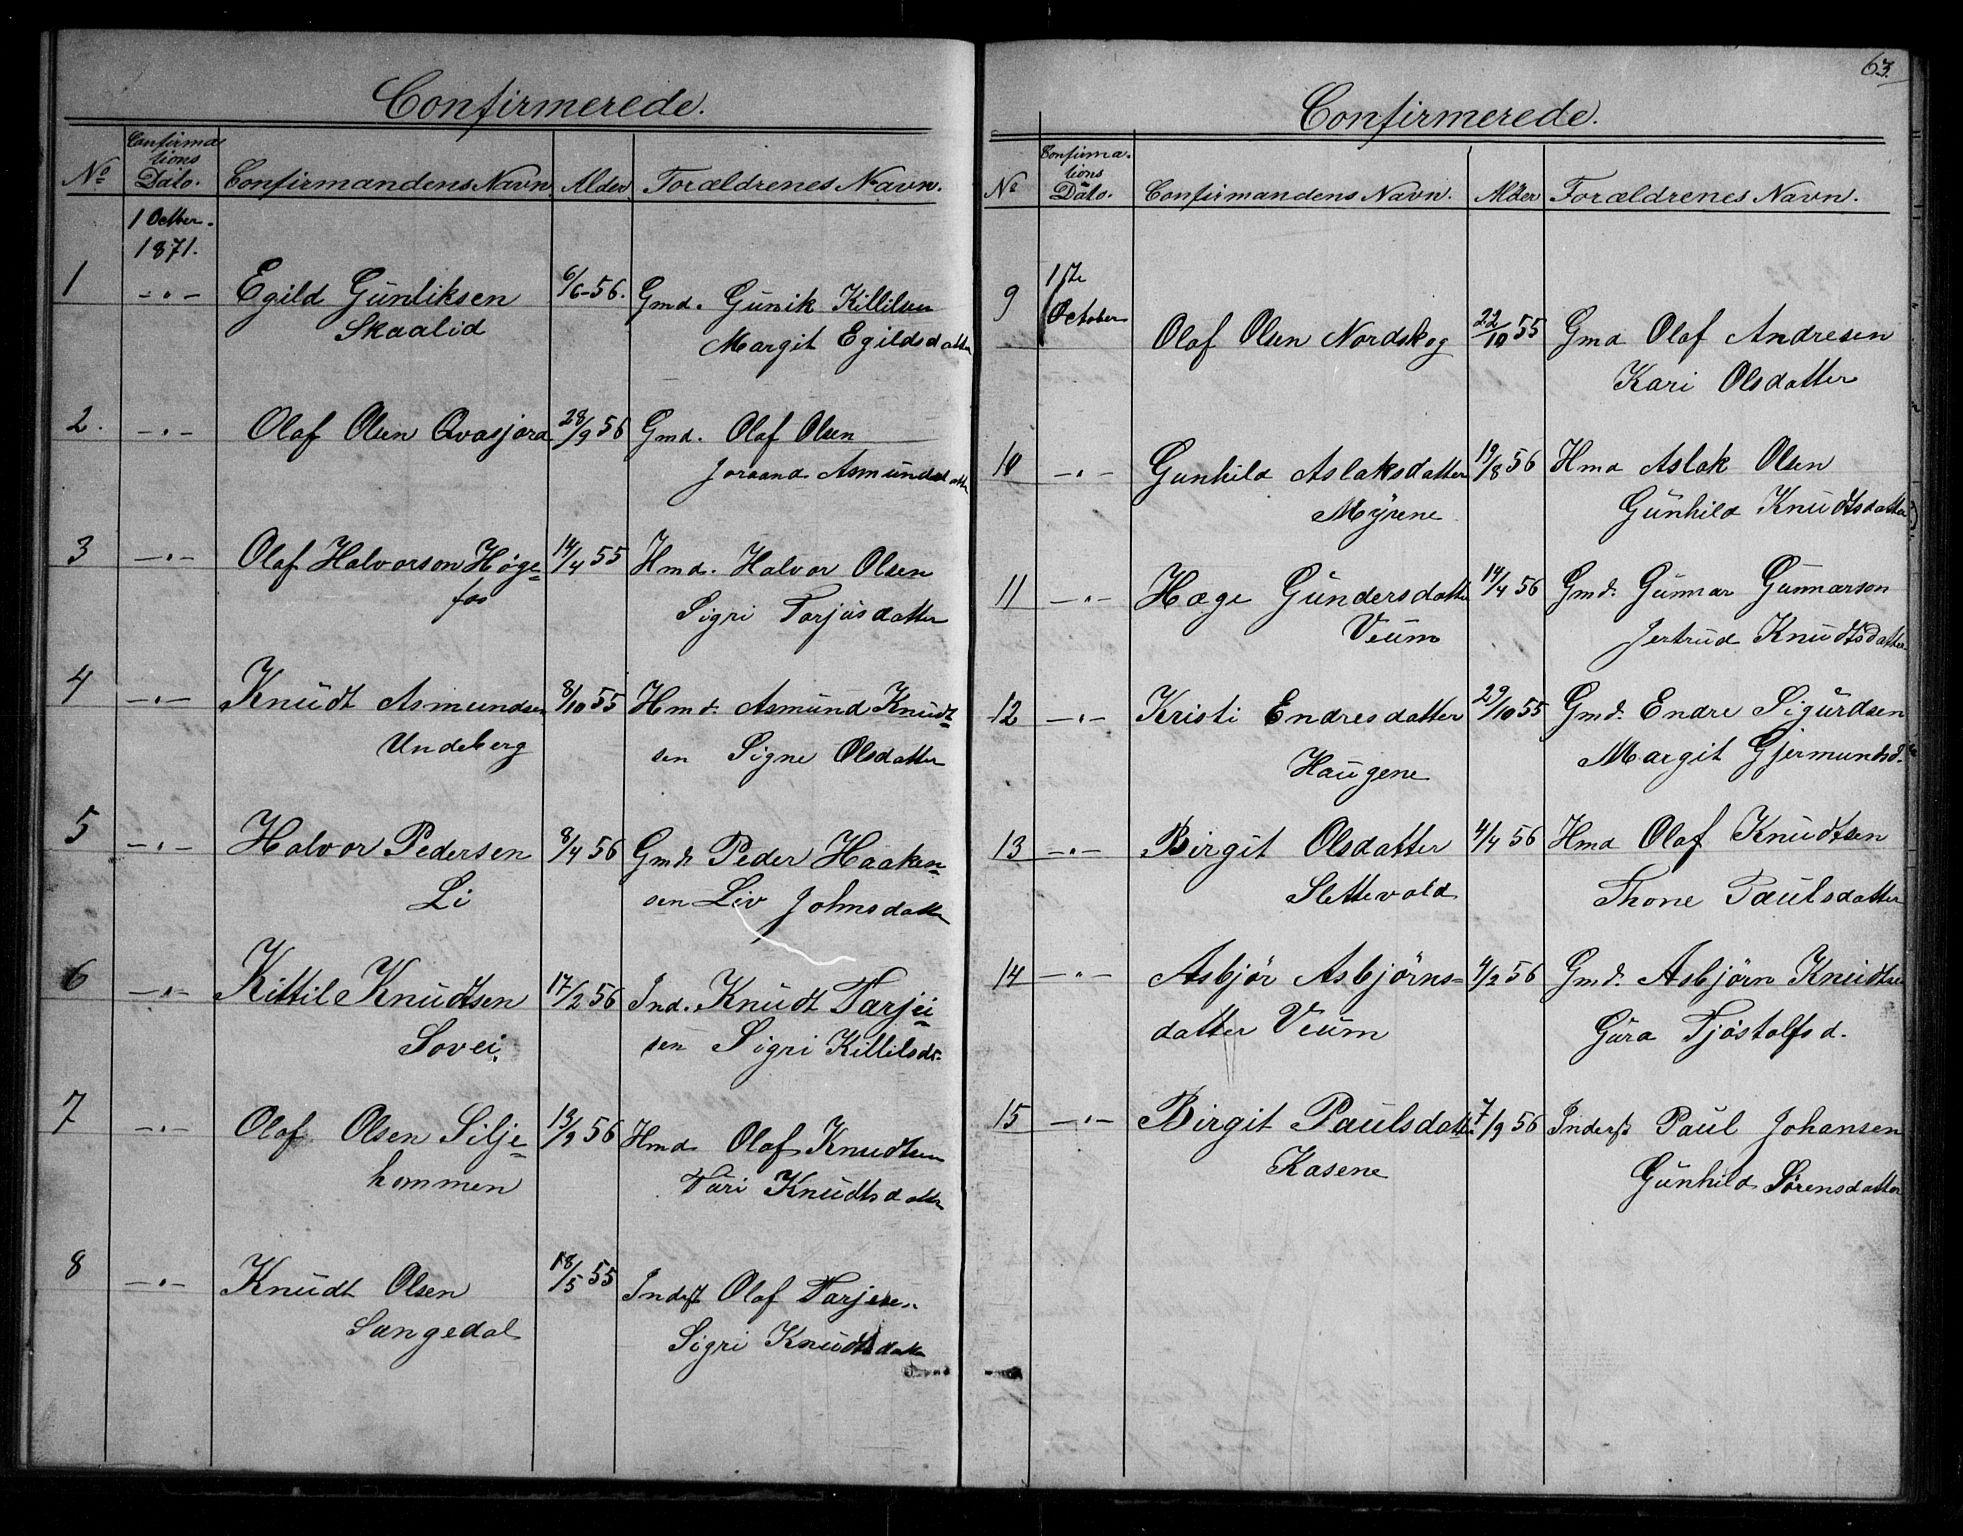 SAKO, Fyresdal kirkebøker, G/Gb/L0001: Klokkerbok nr. II 1, 1864-1890, s. 63